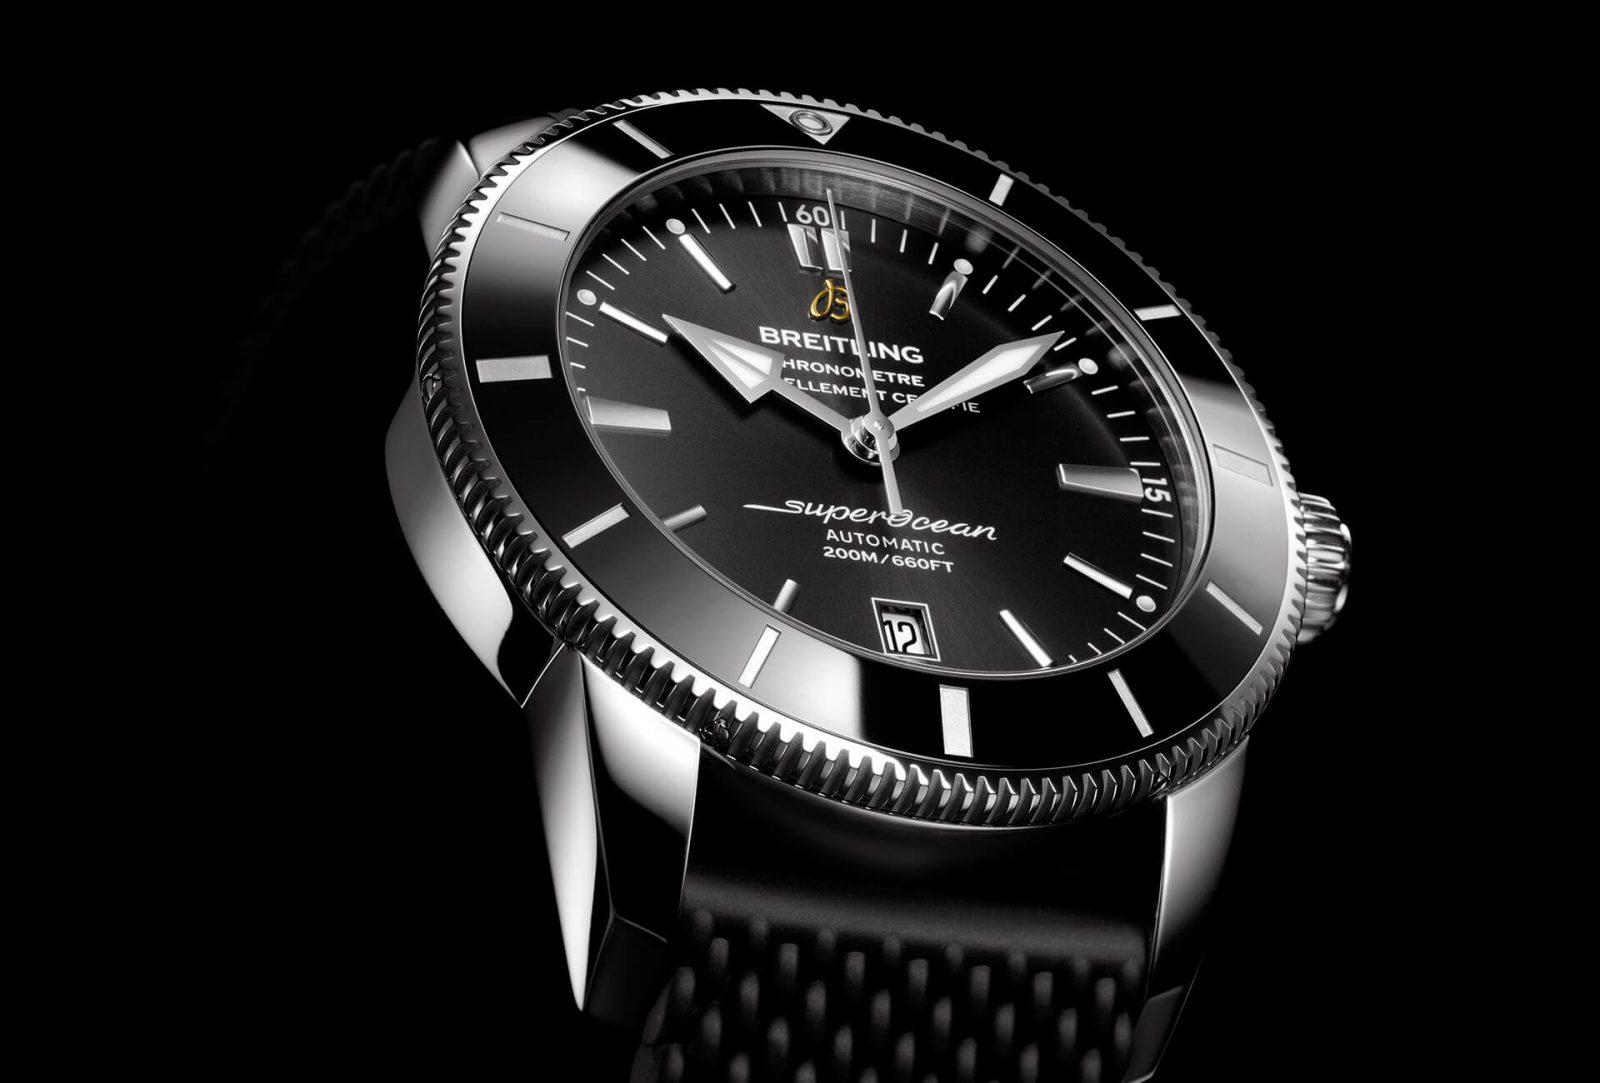 Horlogerie suisse : Le marché doit savoir combiner e-commerce et vente en direct, selon Deloitte